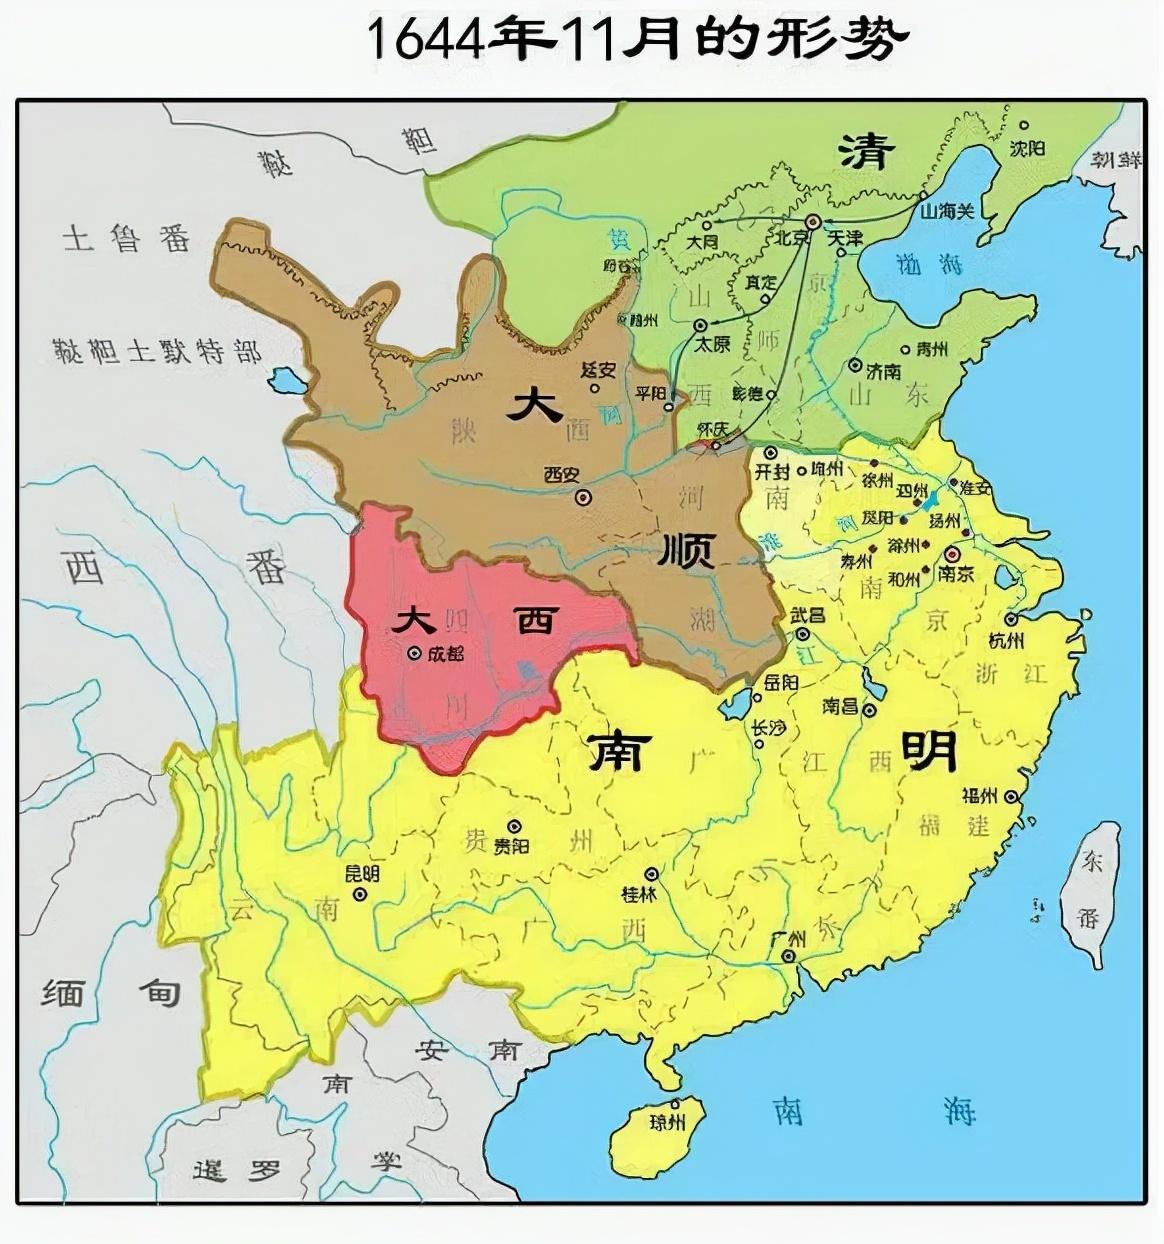 上图_ 1644年,明末形势图 (大西、大顺)